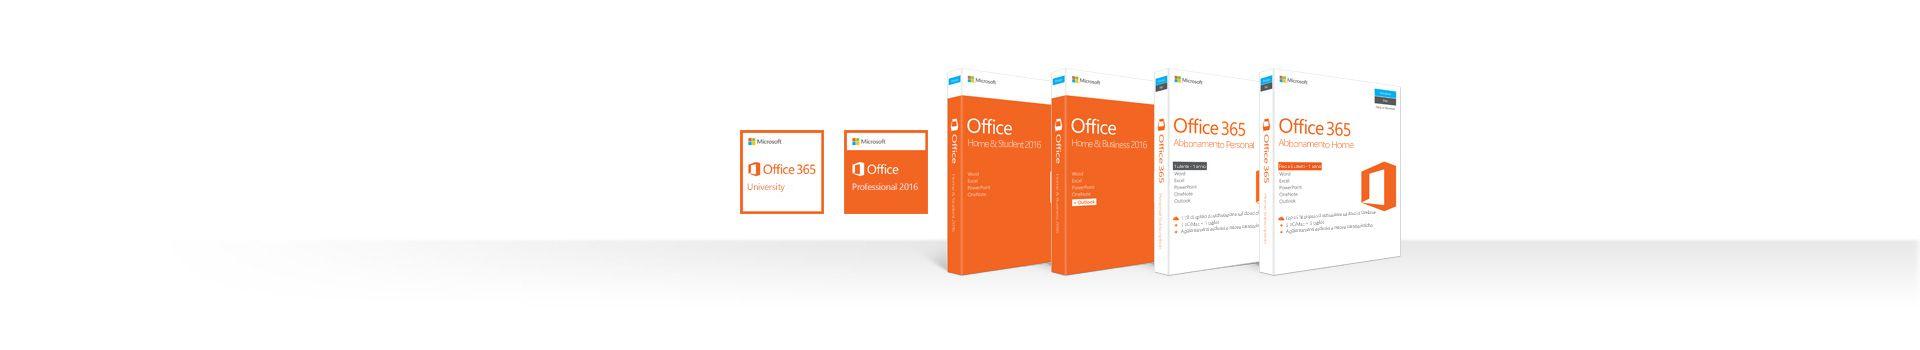 Fila di scatole che rappresentano i prodotti Office su abbonamento o autonomi per PC